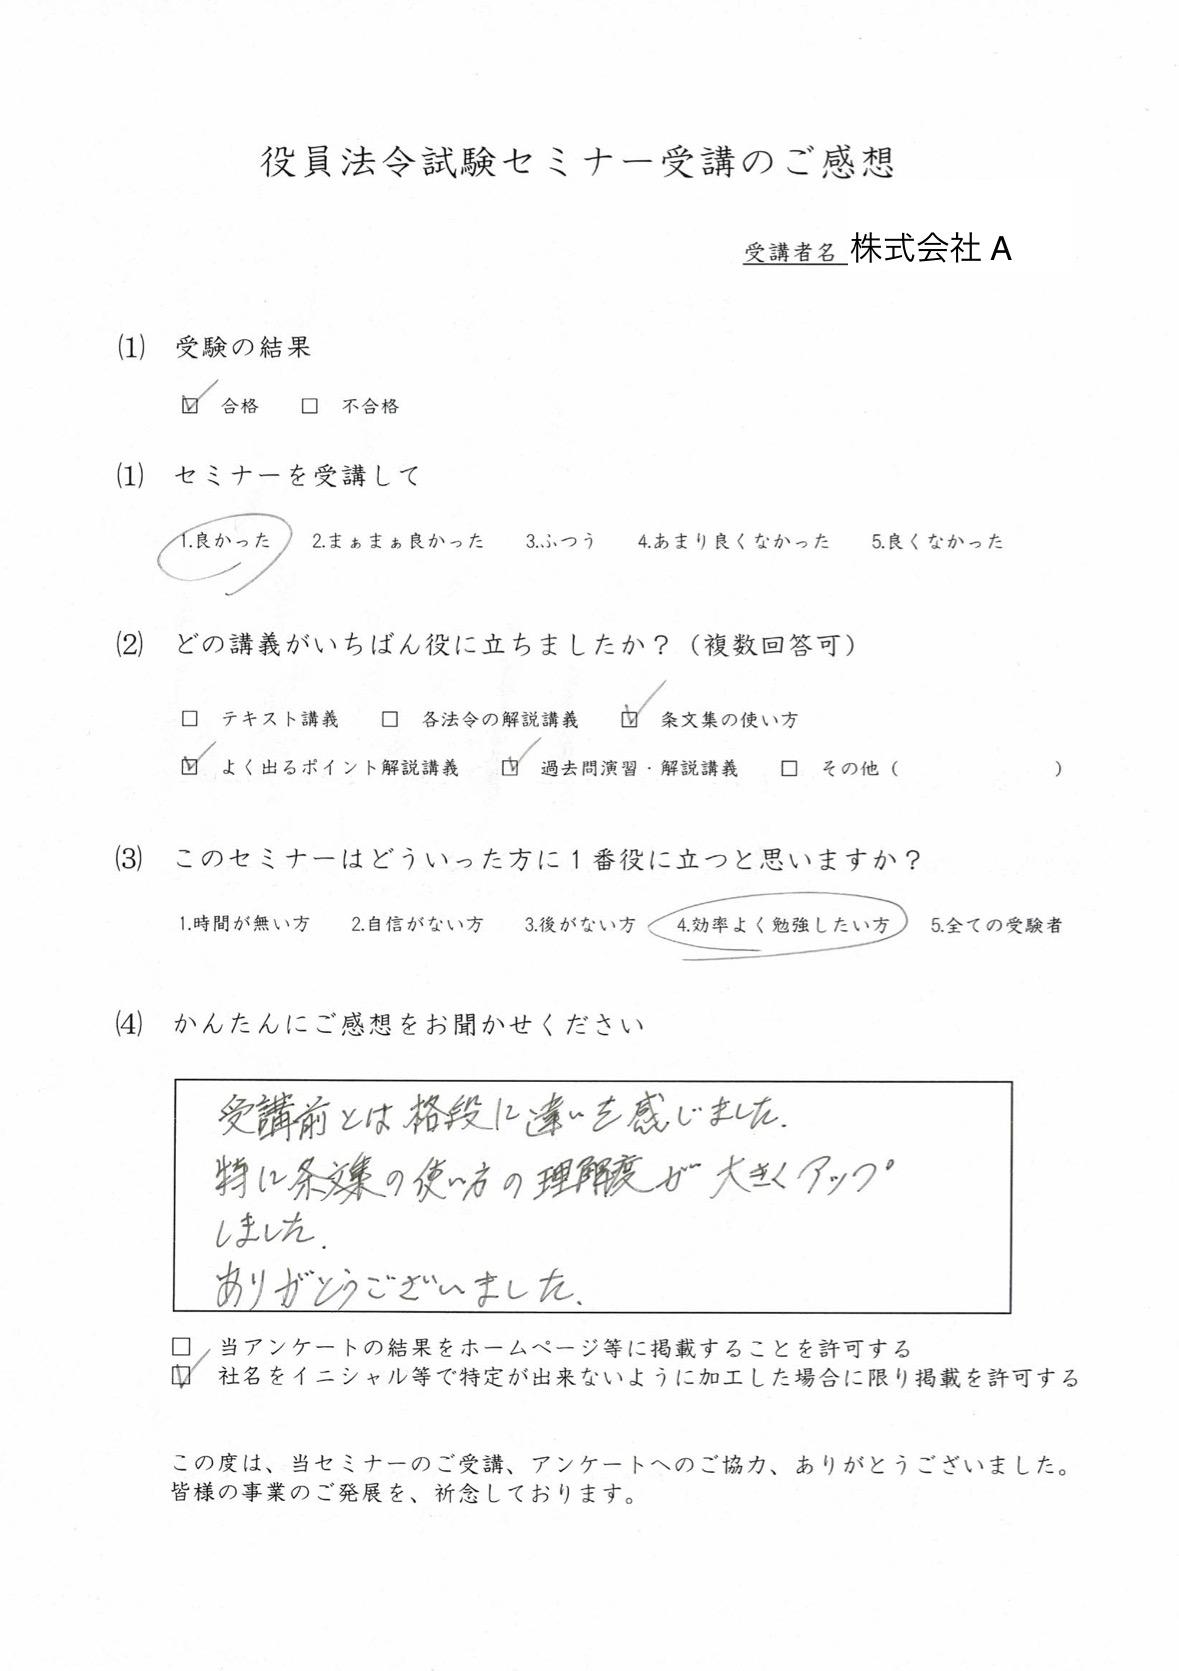 役員法令試験セミナーアンケート株式会社A